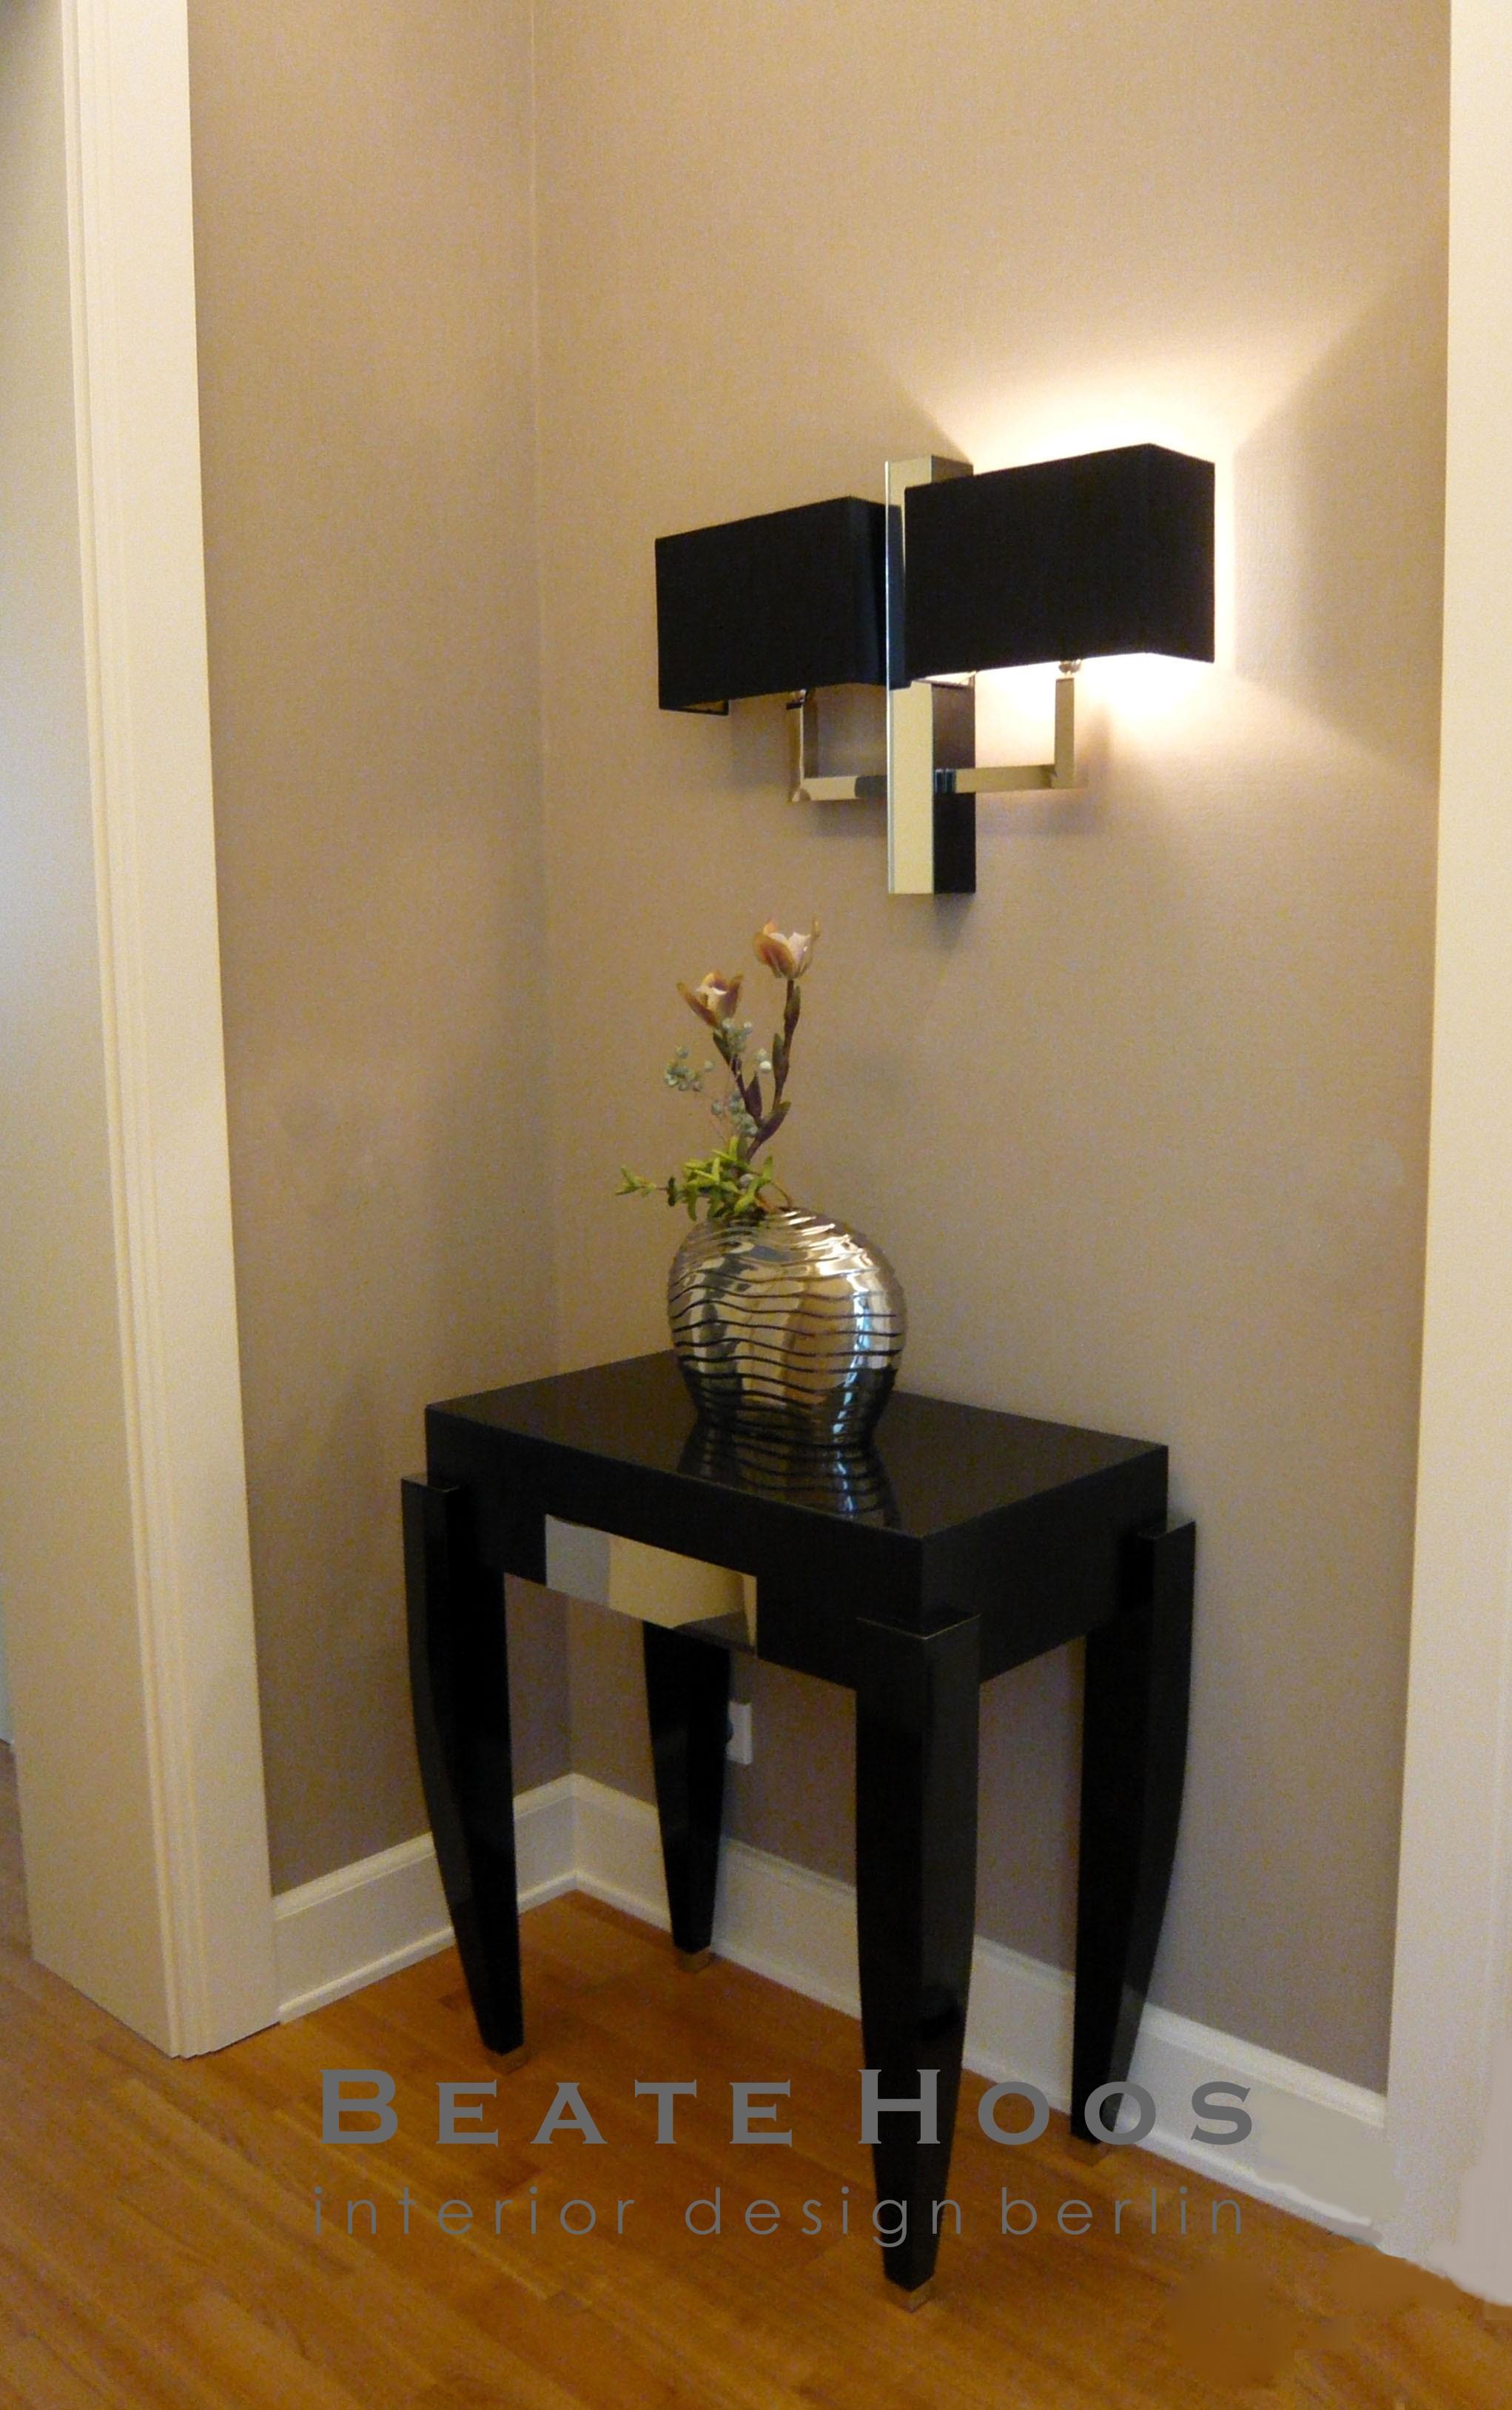 Tisch und Lampe aus eigenem